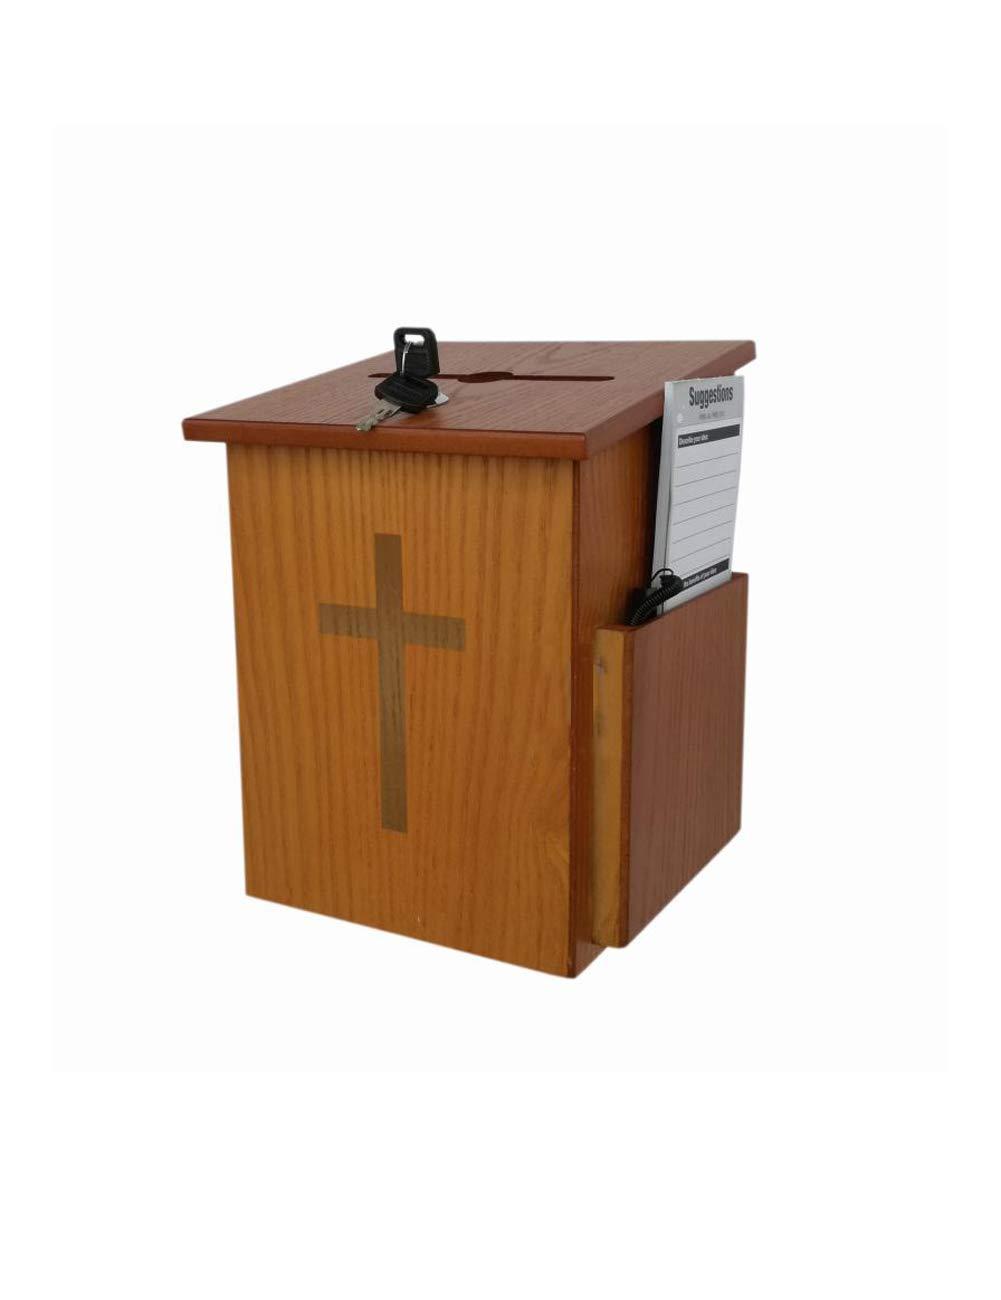 XF 教会用品木製慈善団体寄付の提案箱シングルロックボックス献身ボックスラブボックス //   B07KFTXLG3